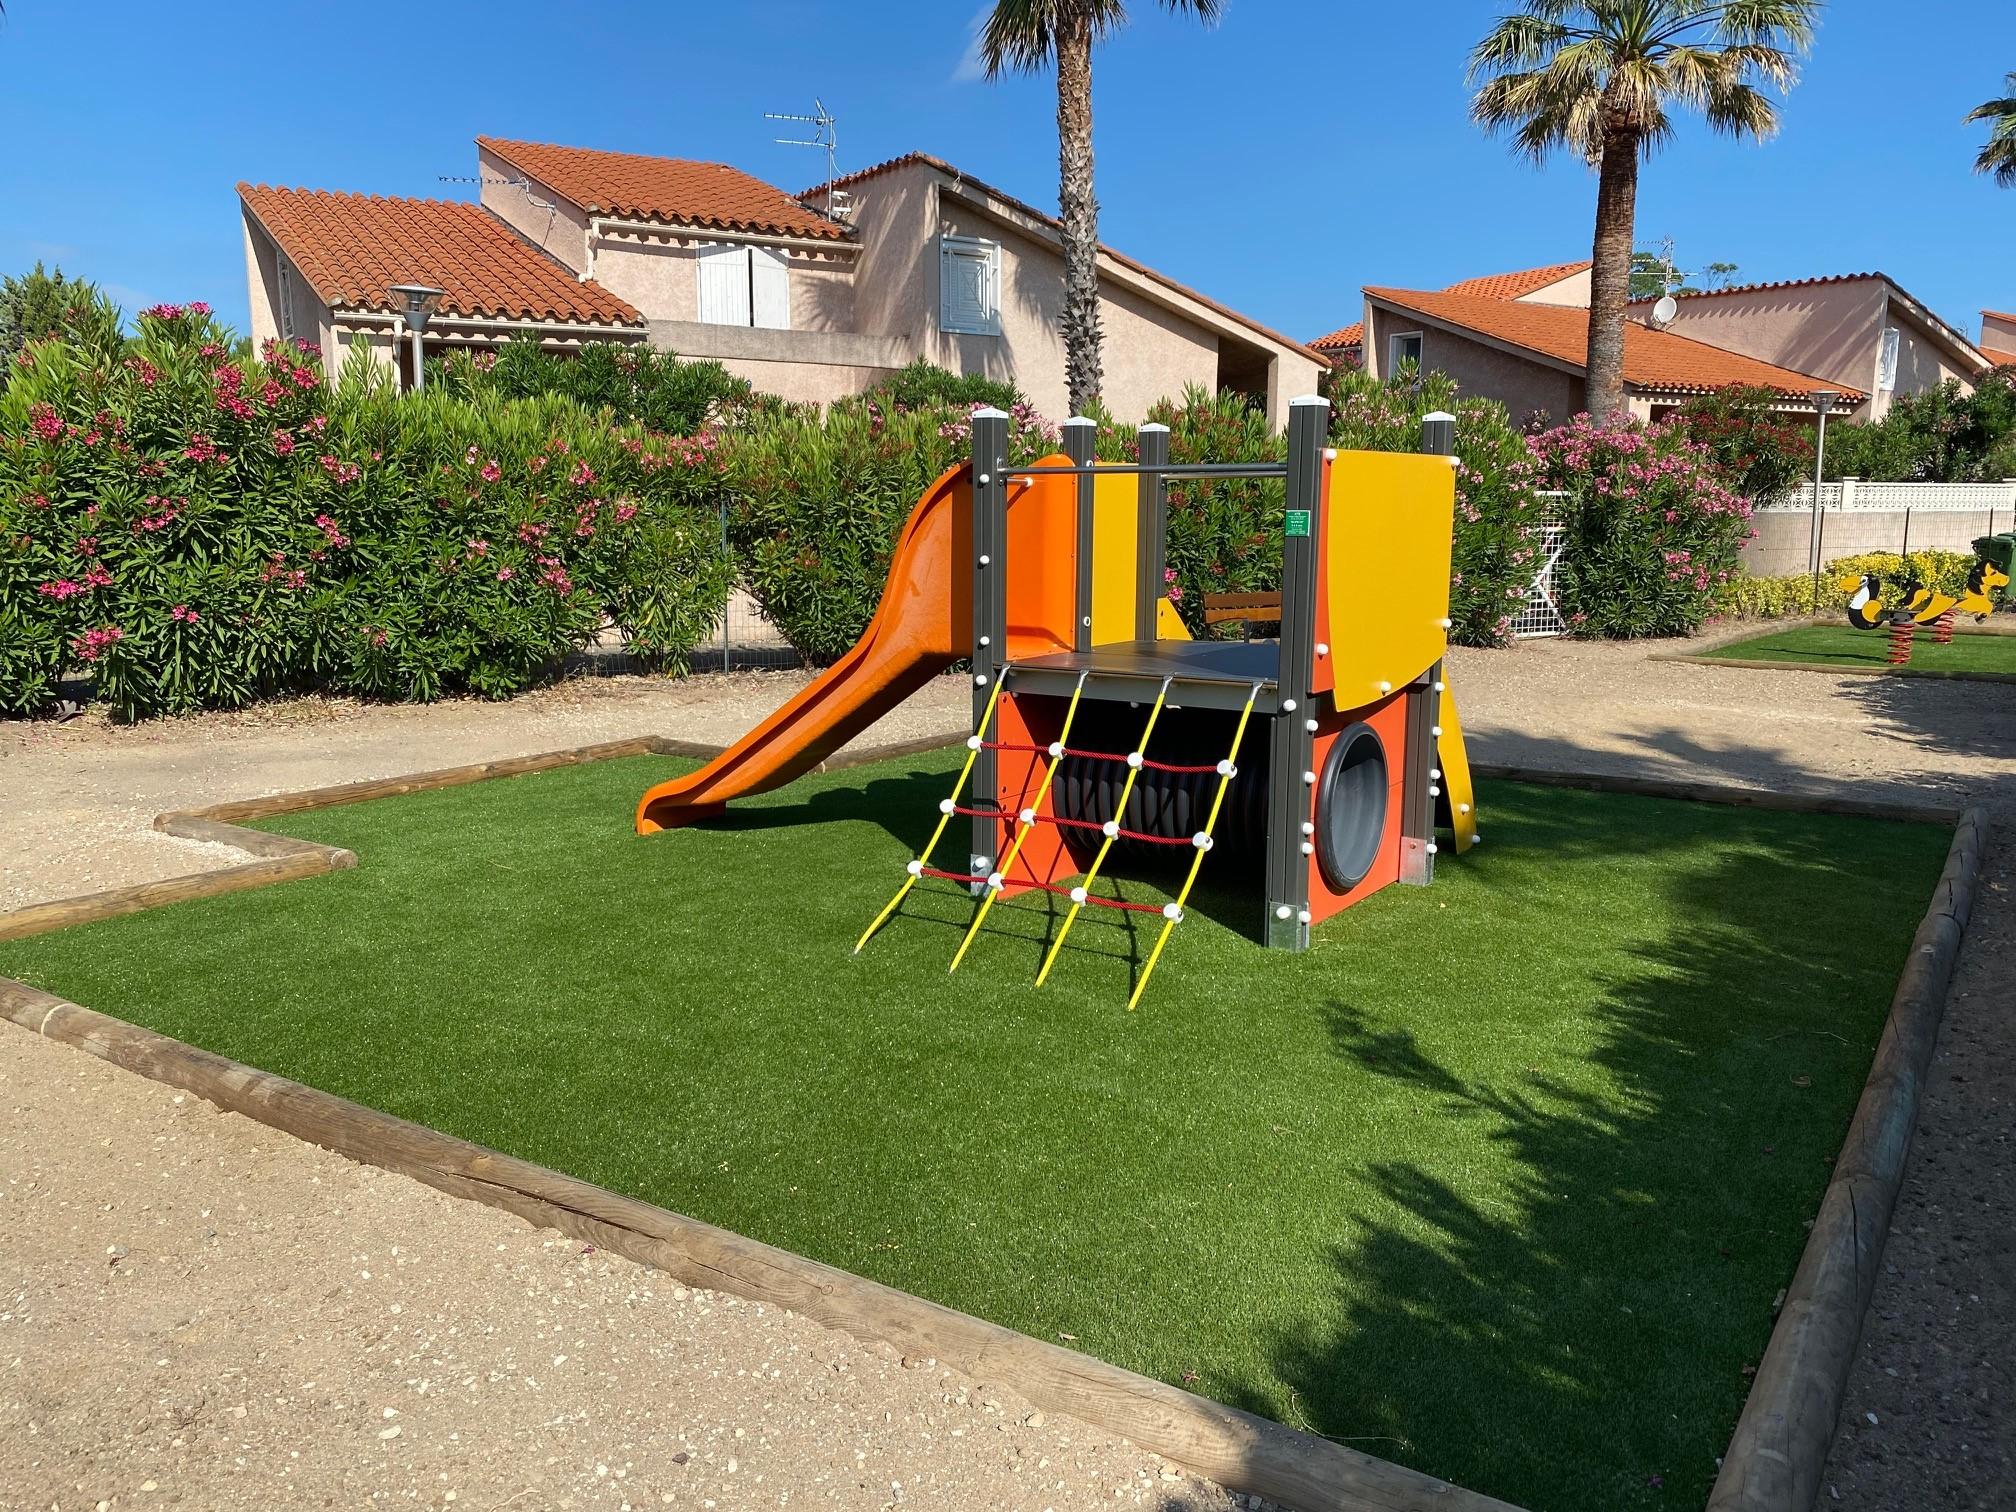 aire de jeux enfants avec gazon vert